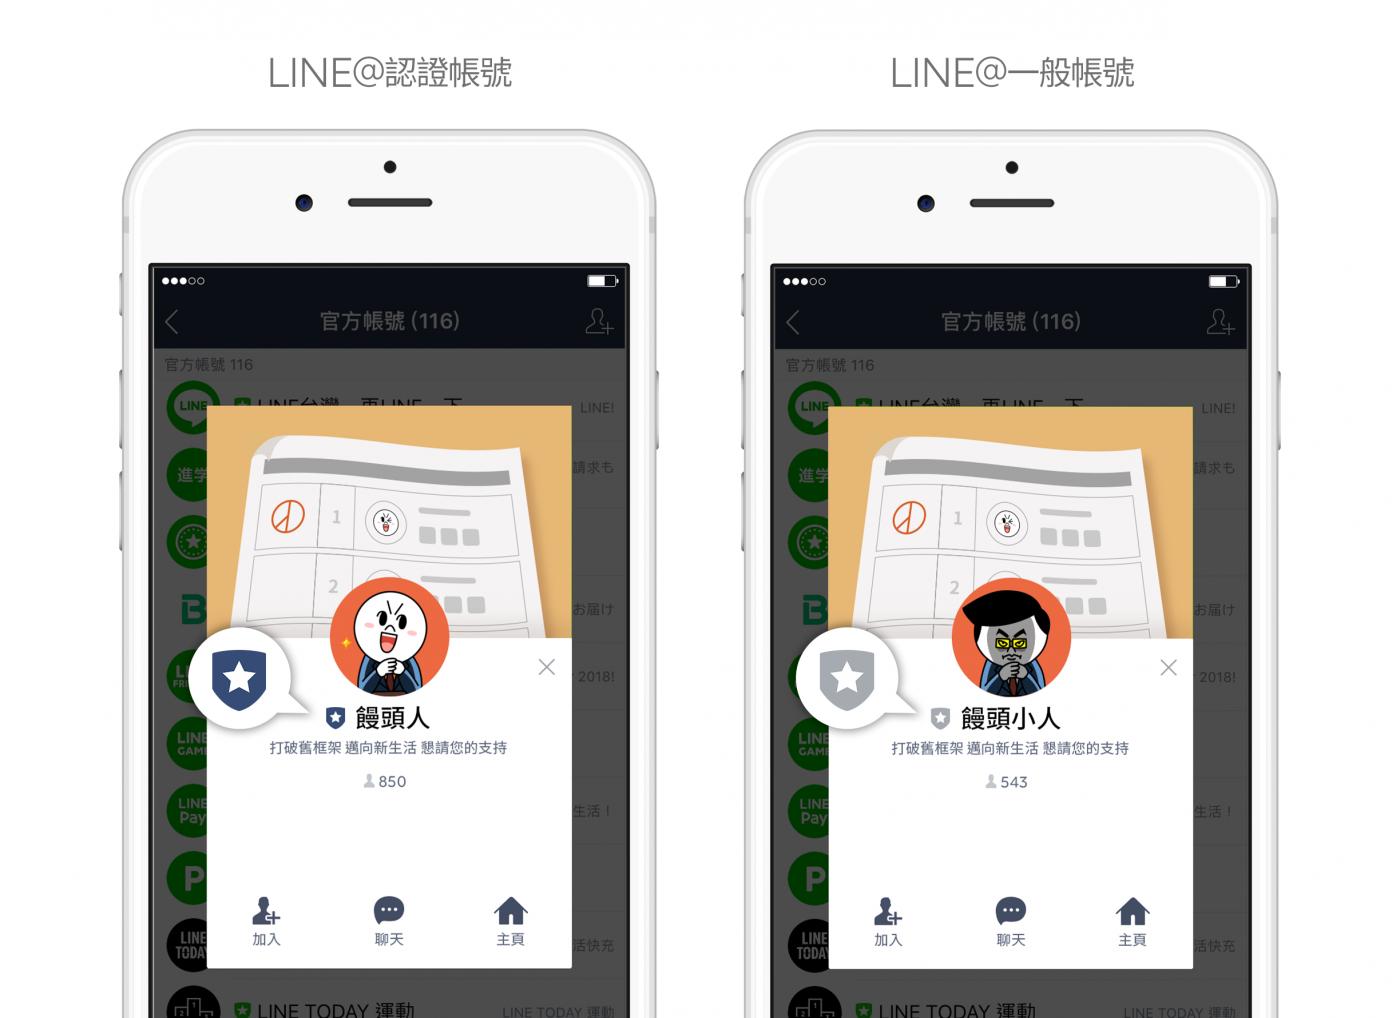 為台灣九合一選舉首開特規,LINE葫蘆裡賣什麼藥?